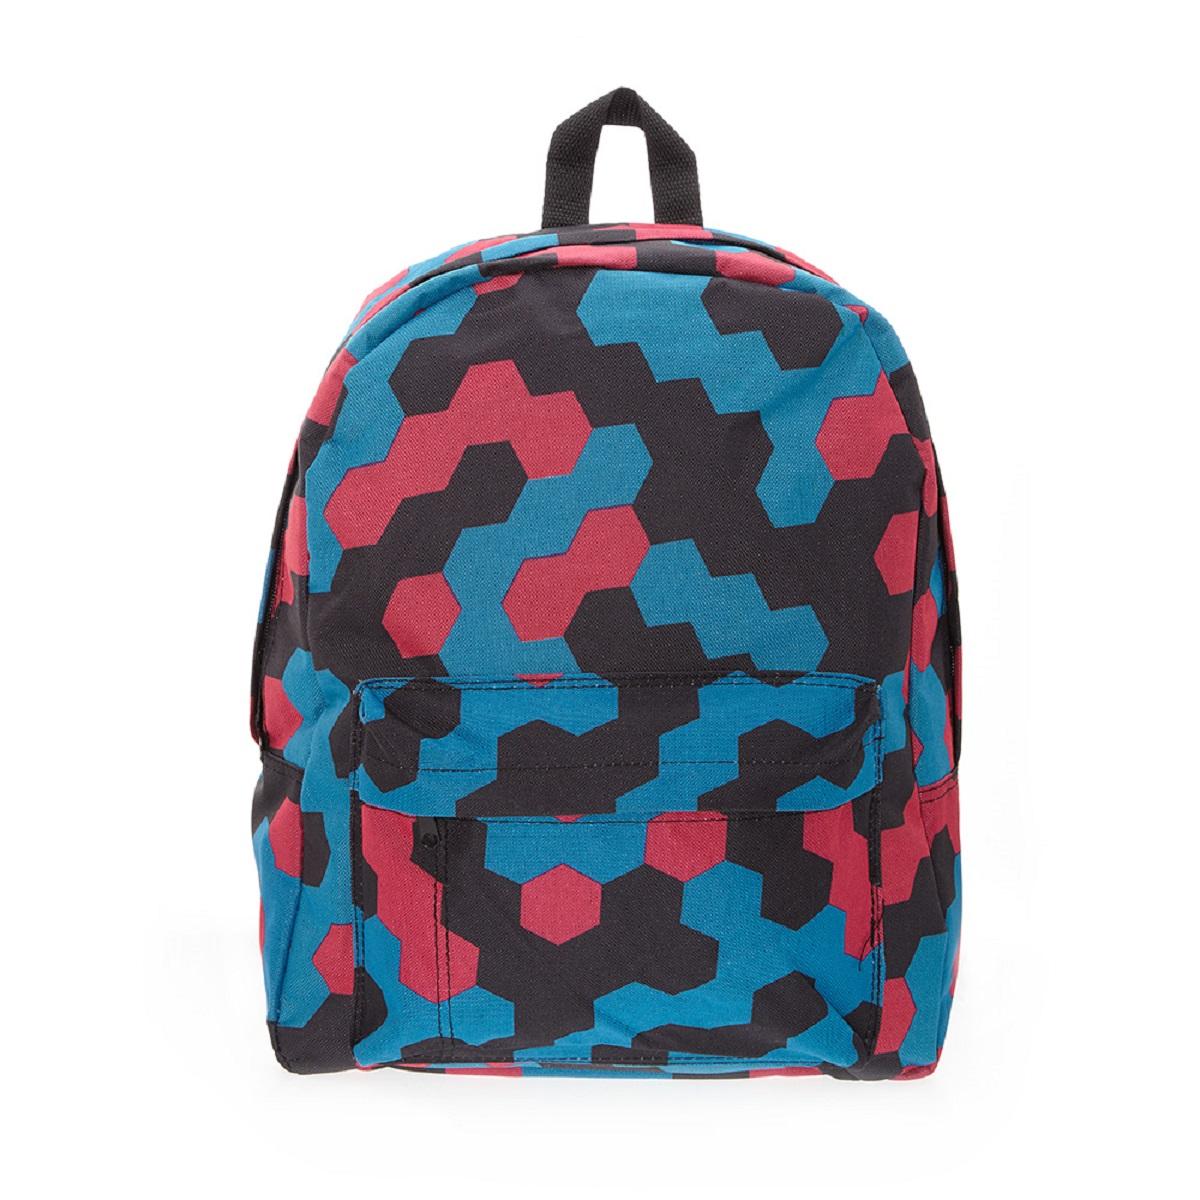 Рюкзак городской 3D Bags Мозаика, 16 л3DBC329Рюкзак городской 3D Bags Мозаика.Стильный, вместительный и практичный, рюкзак понравится и школьникам, и студентам. Просторный внутренний отсек, наружный карман на молнии будут очень удобны в использовании.Объем: 16 л.